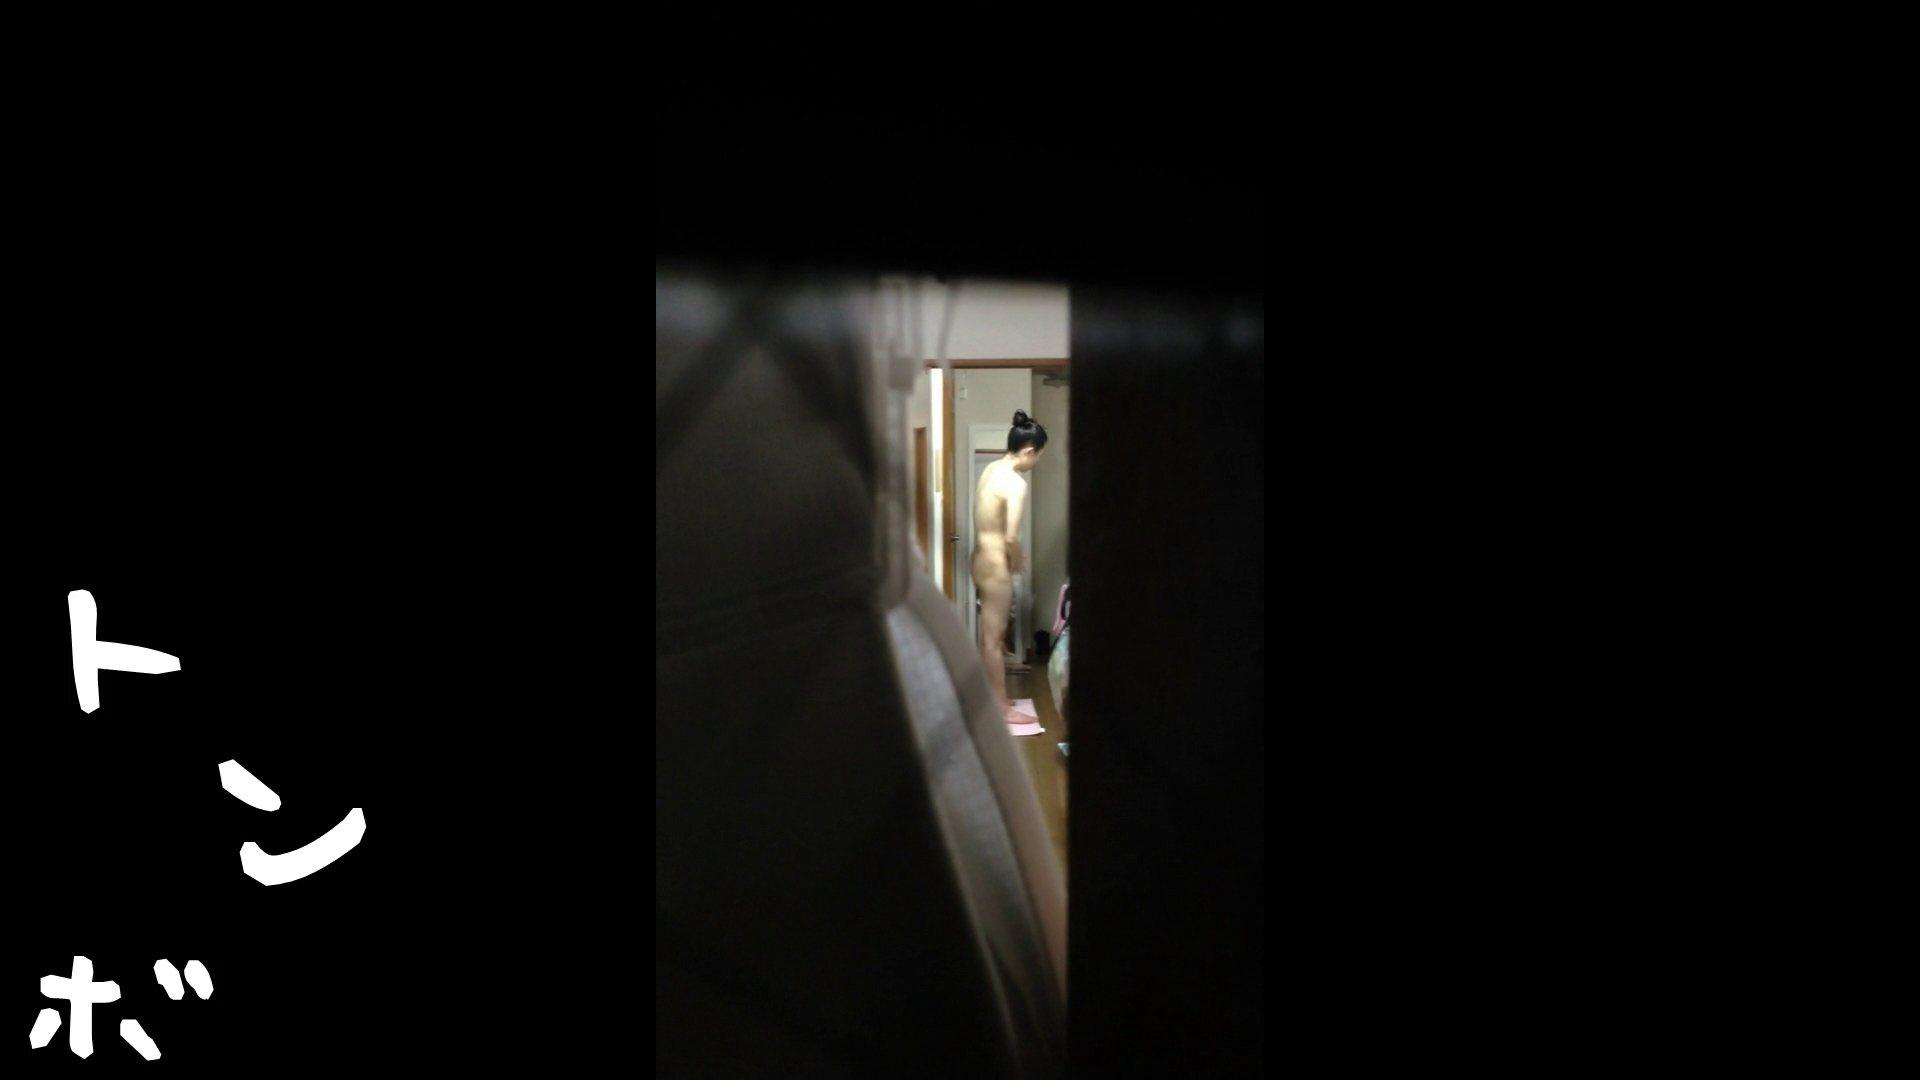 【リアル盗撮】元ジュディマリのYIUKI似 某歌手丸秘ヌード 潜入エロ調査   美女達のヌード  61連発 45